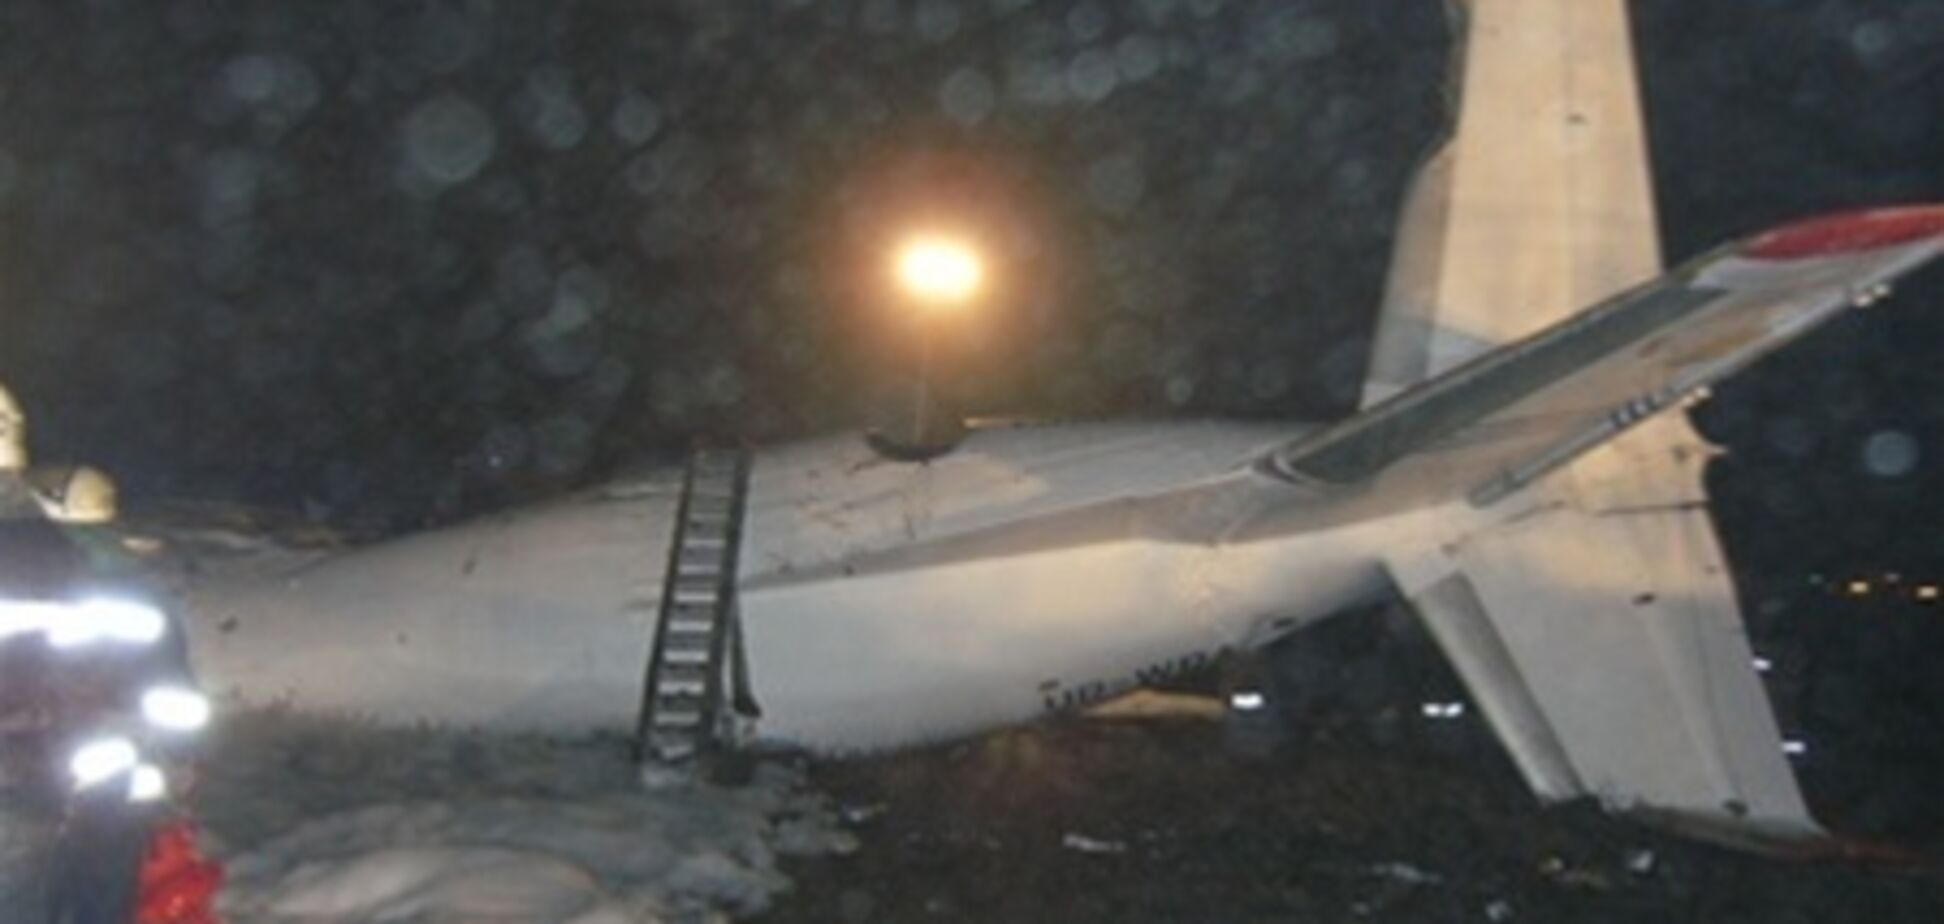 Названы имена погибших в авиакатастрофе в Донецке